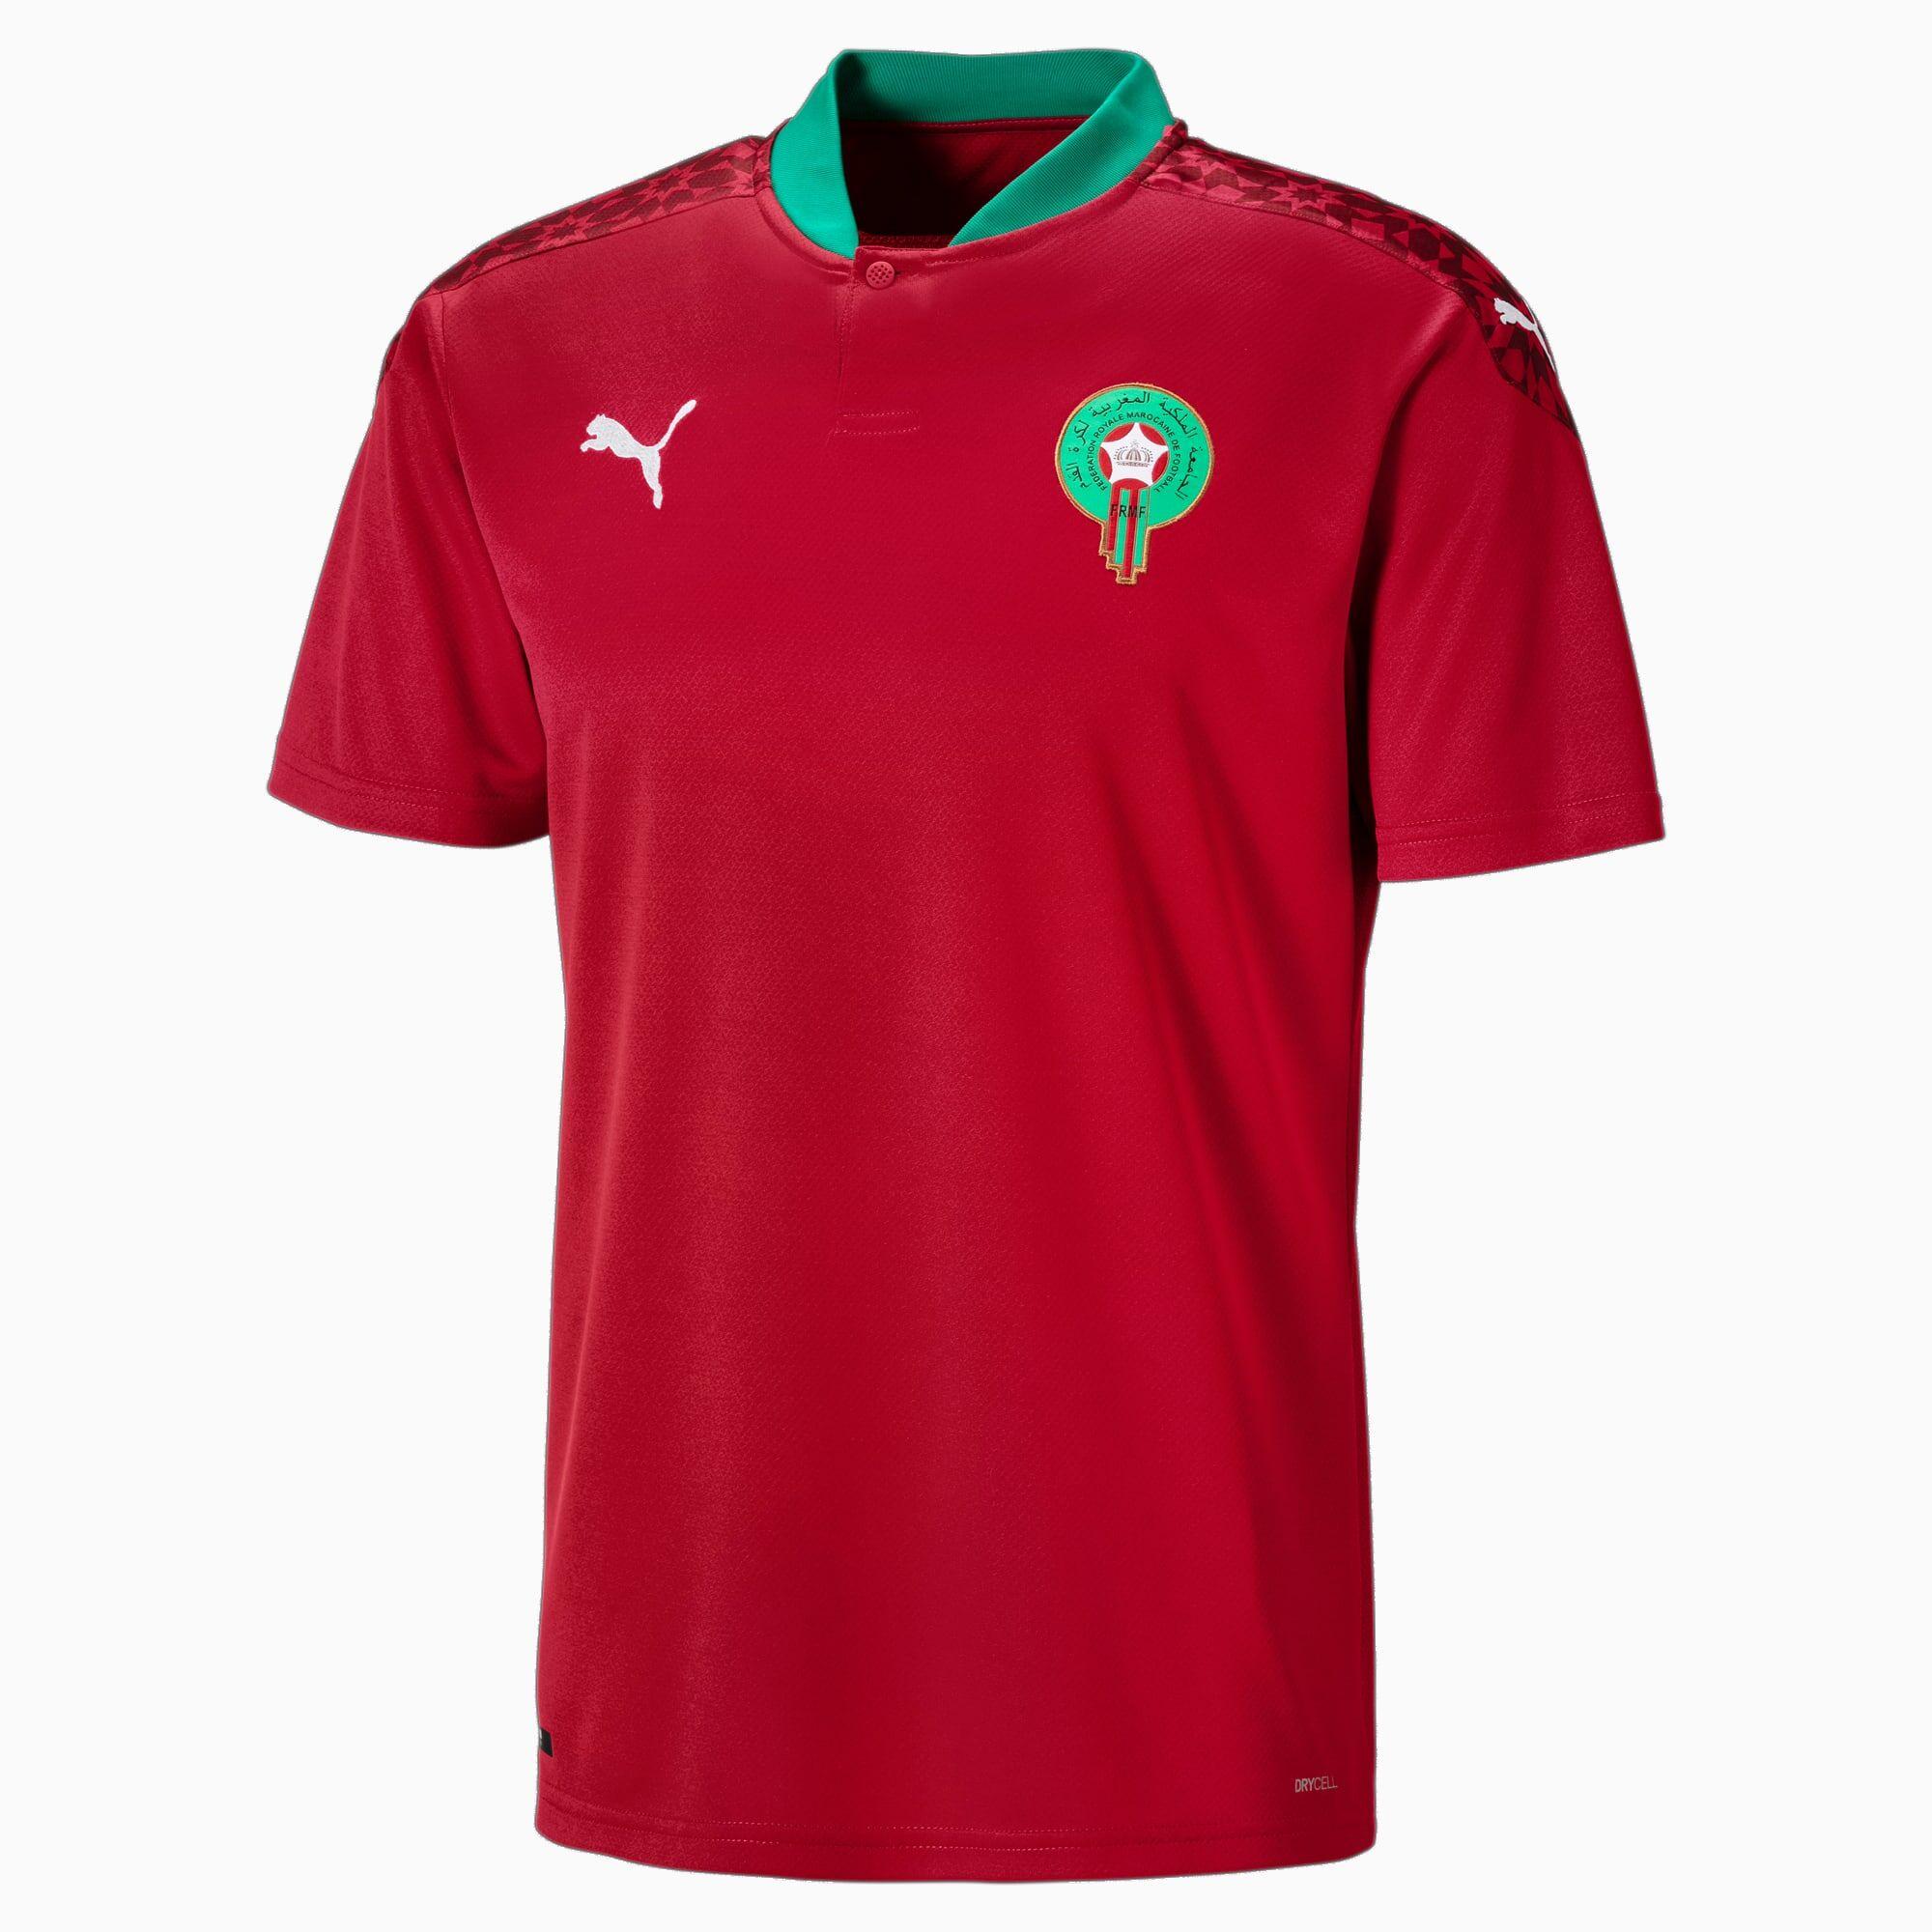 PUMA Maillot domicile Maroc Replica pour Homme, Rouge/Blanc, Taille 3XL, Vêtements